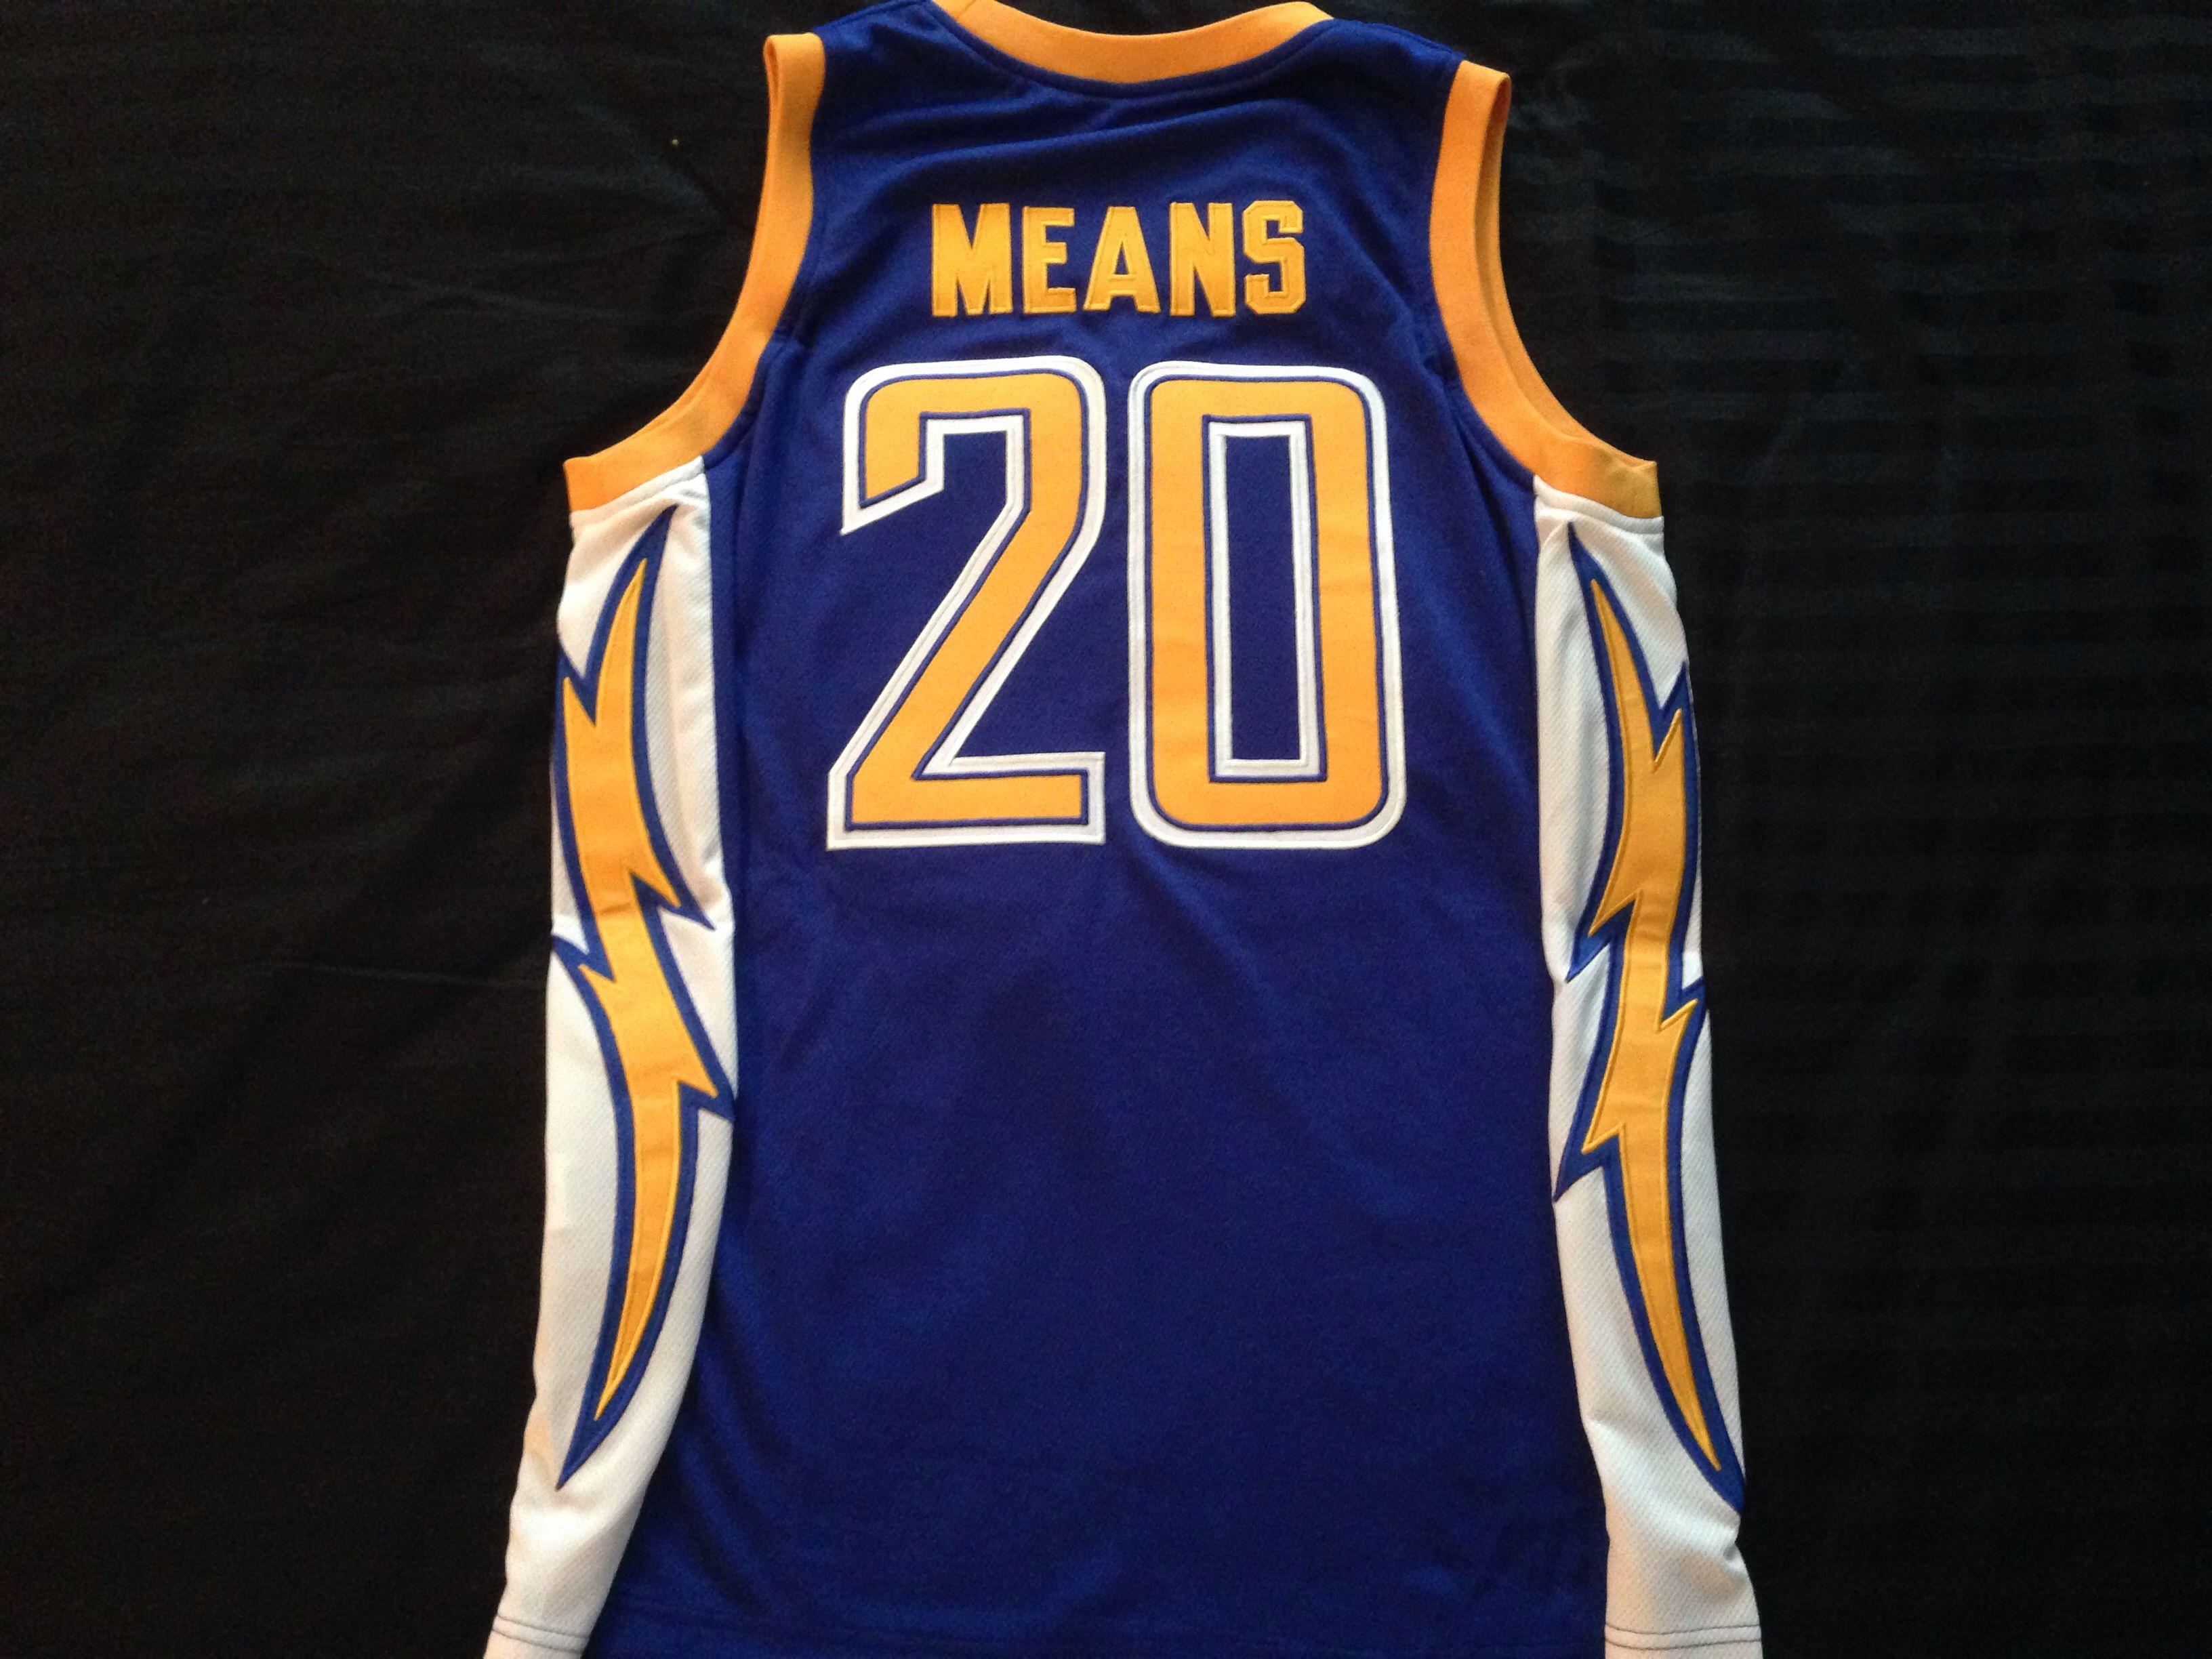 a jersey